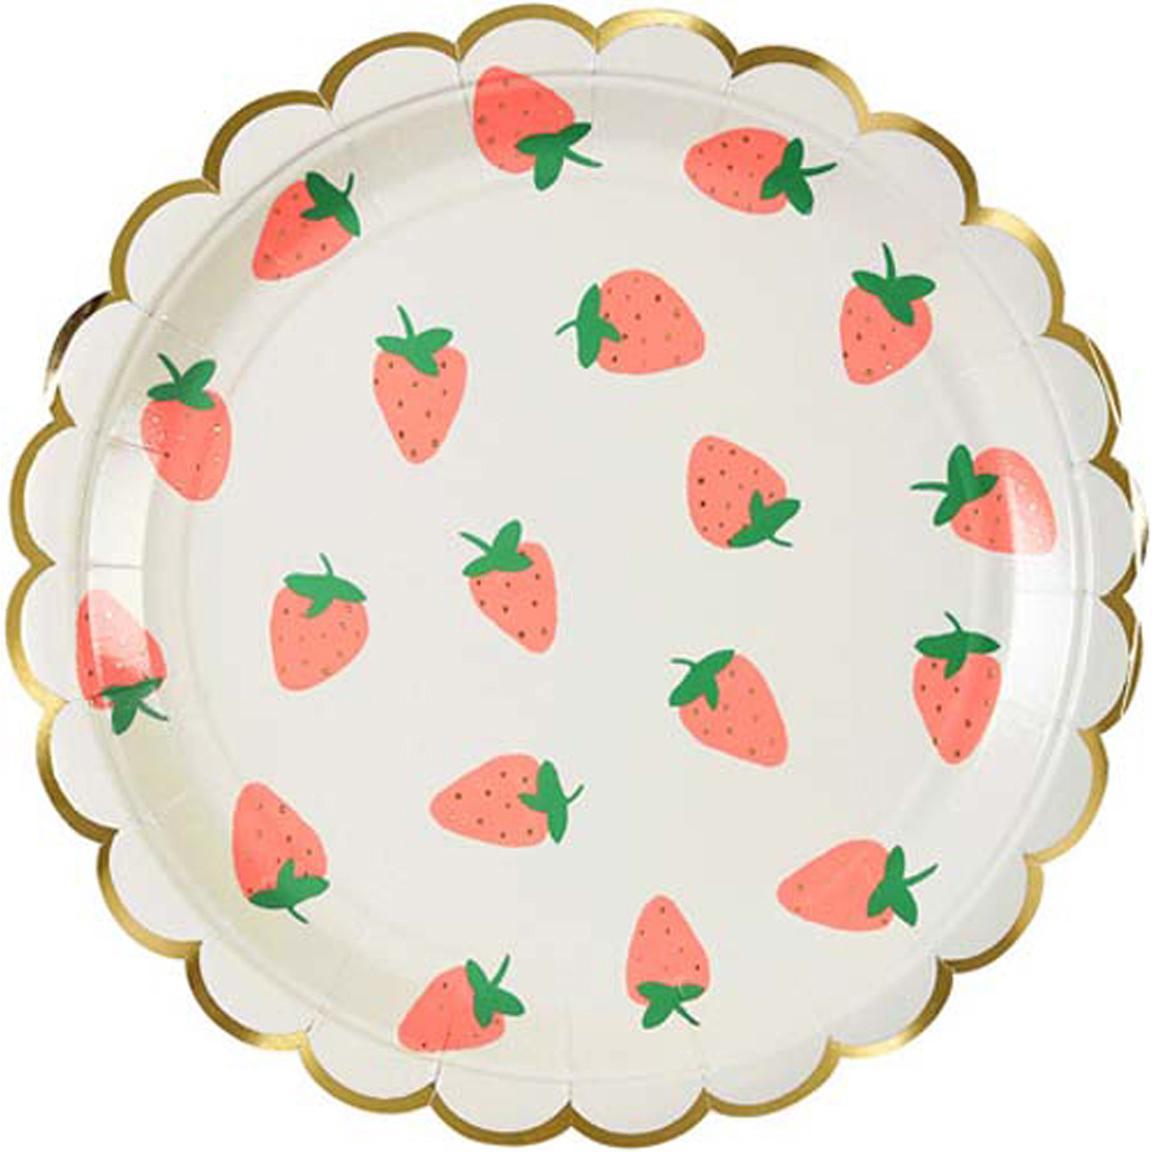 Papier-Teller Strawberry, 8 Stück, Papier, foliert, Weiß, Rosa, Grün, Ø 20 x H 1 cm